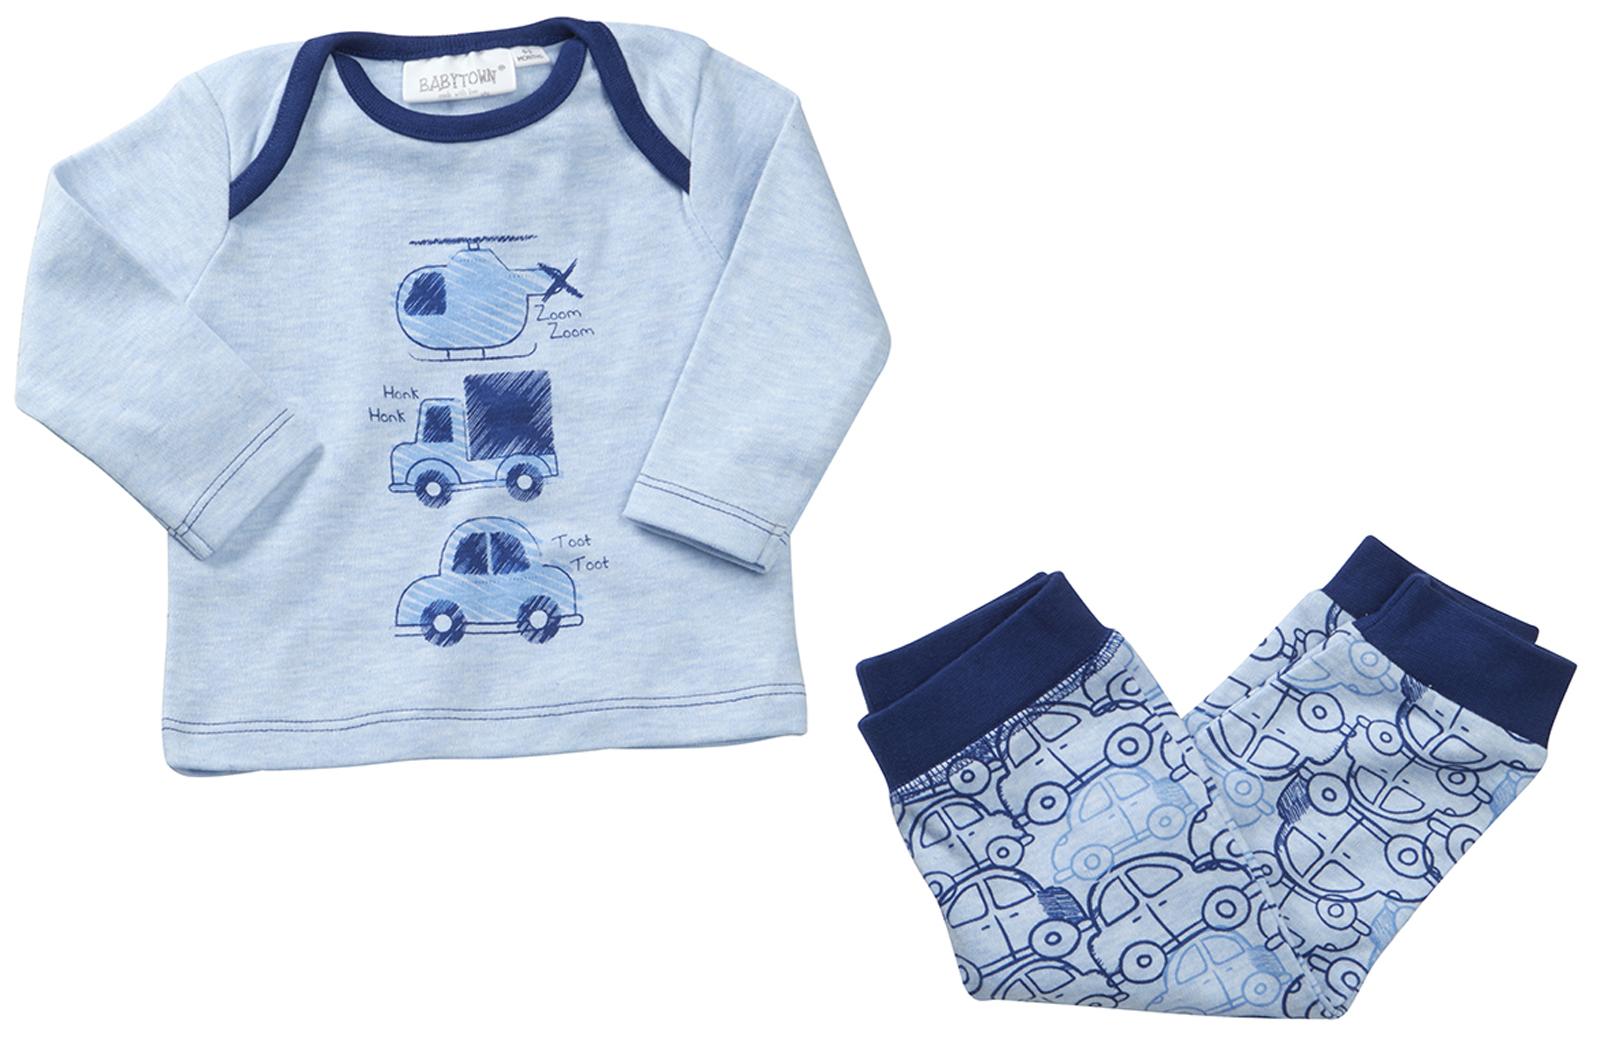 Baby Boys Pyjama Set 2 Piece Pjs Outfit Top Bottoms